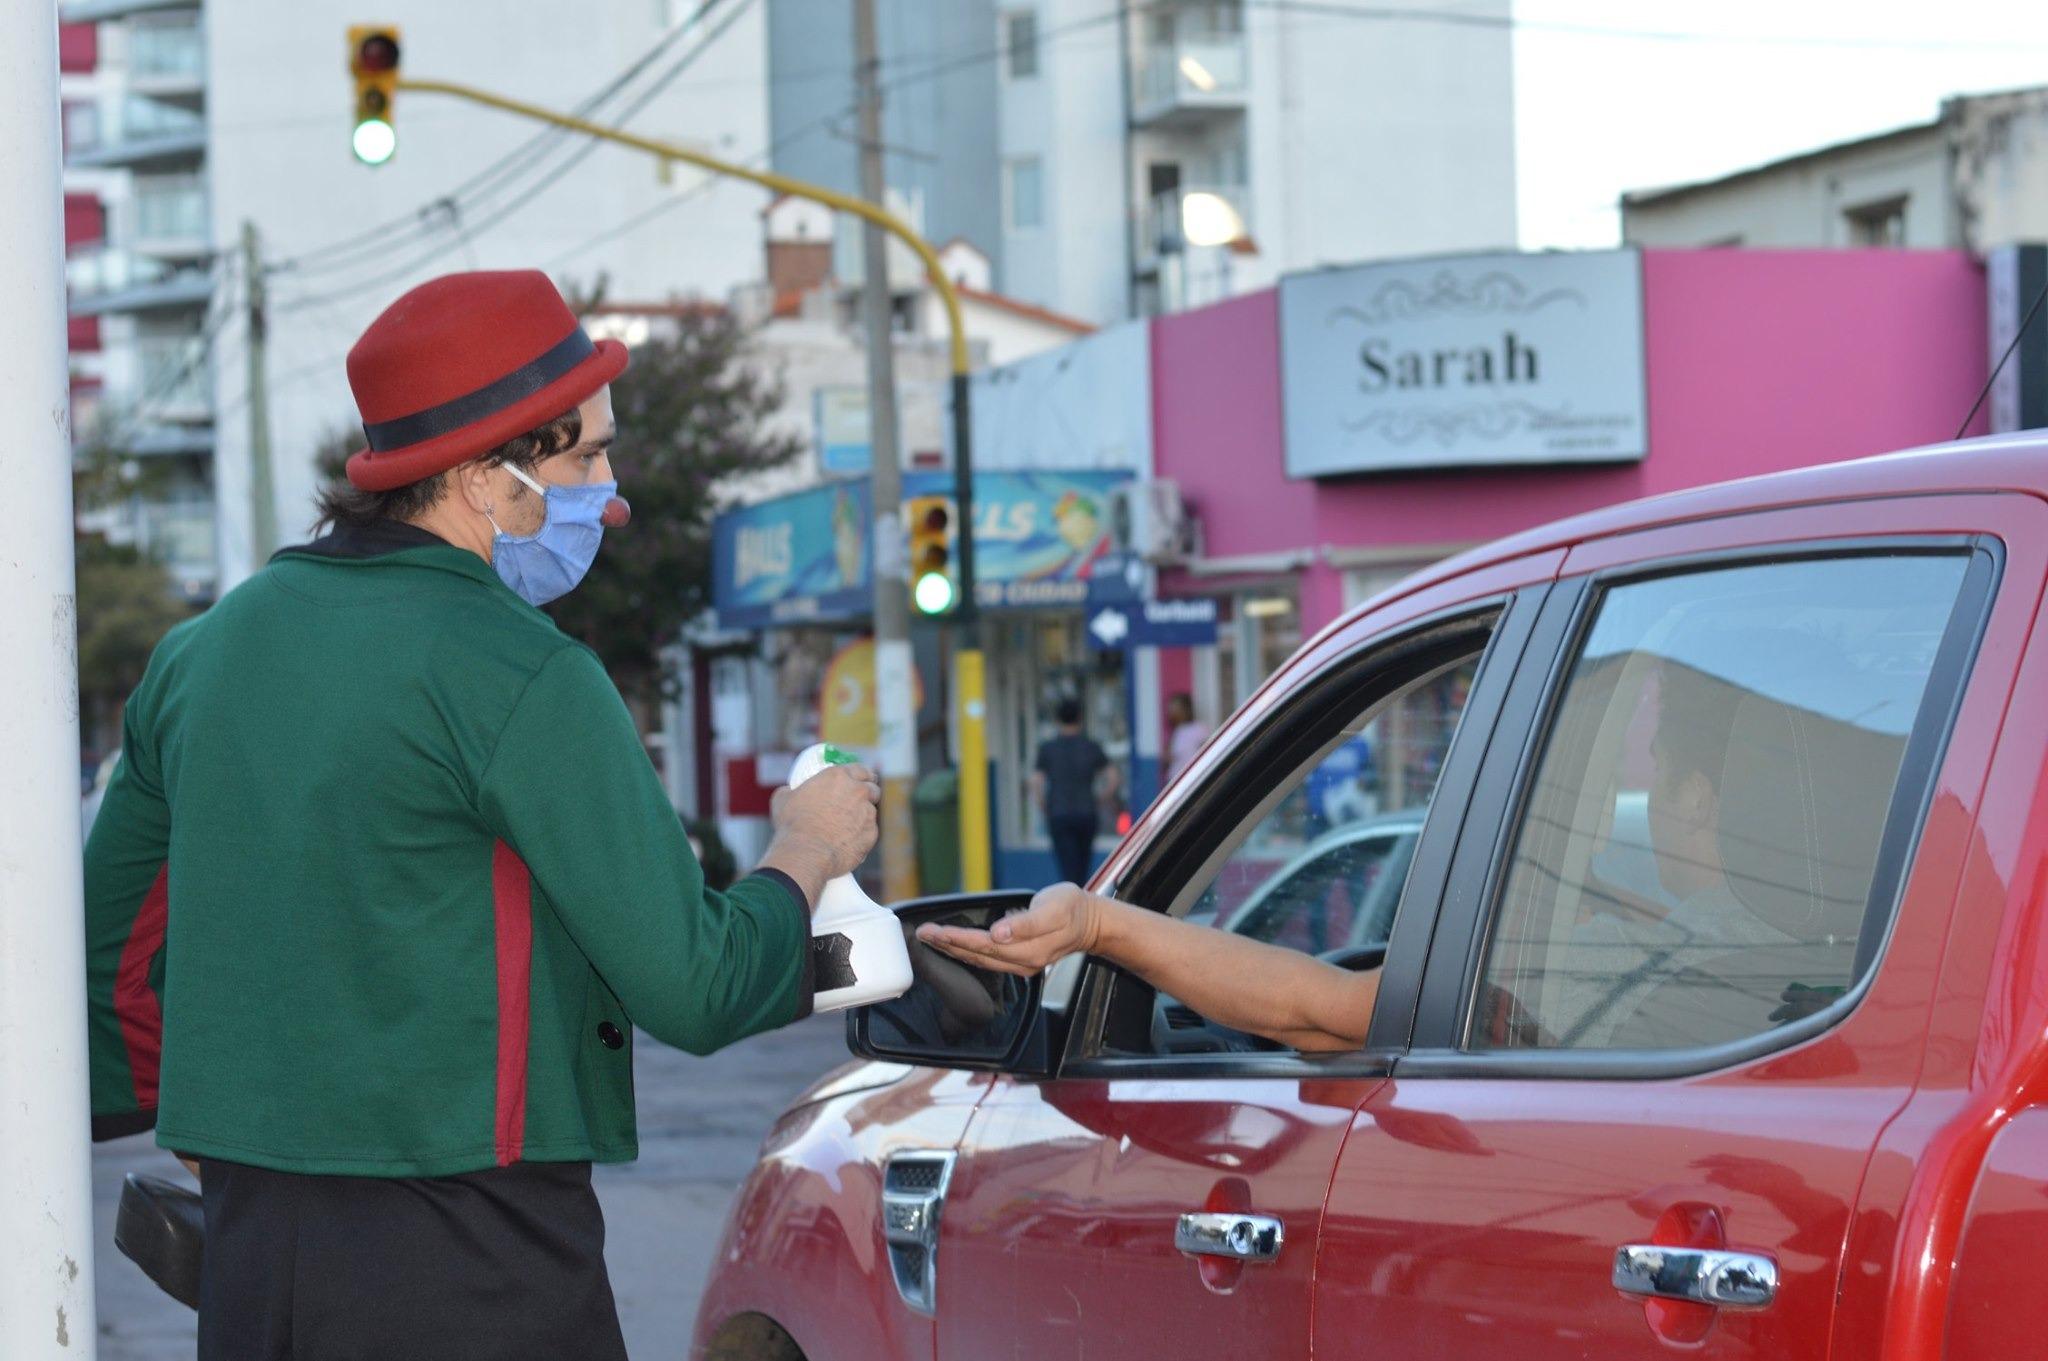 COVID-19: Avanza la campaña preventiva #SiSalísCuidate en Santa Rosa